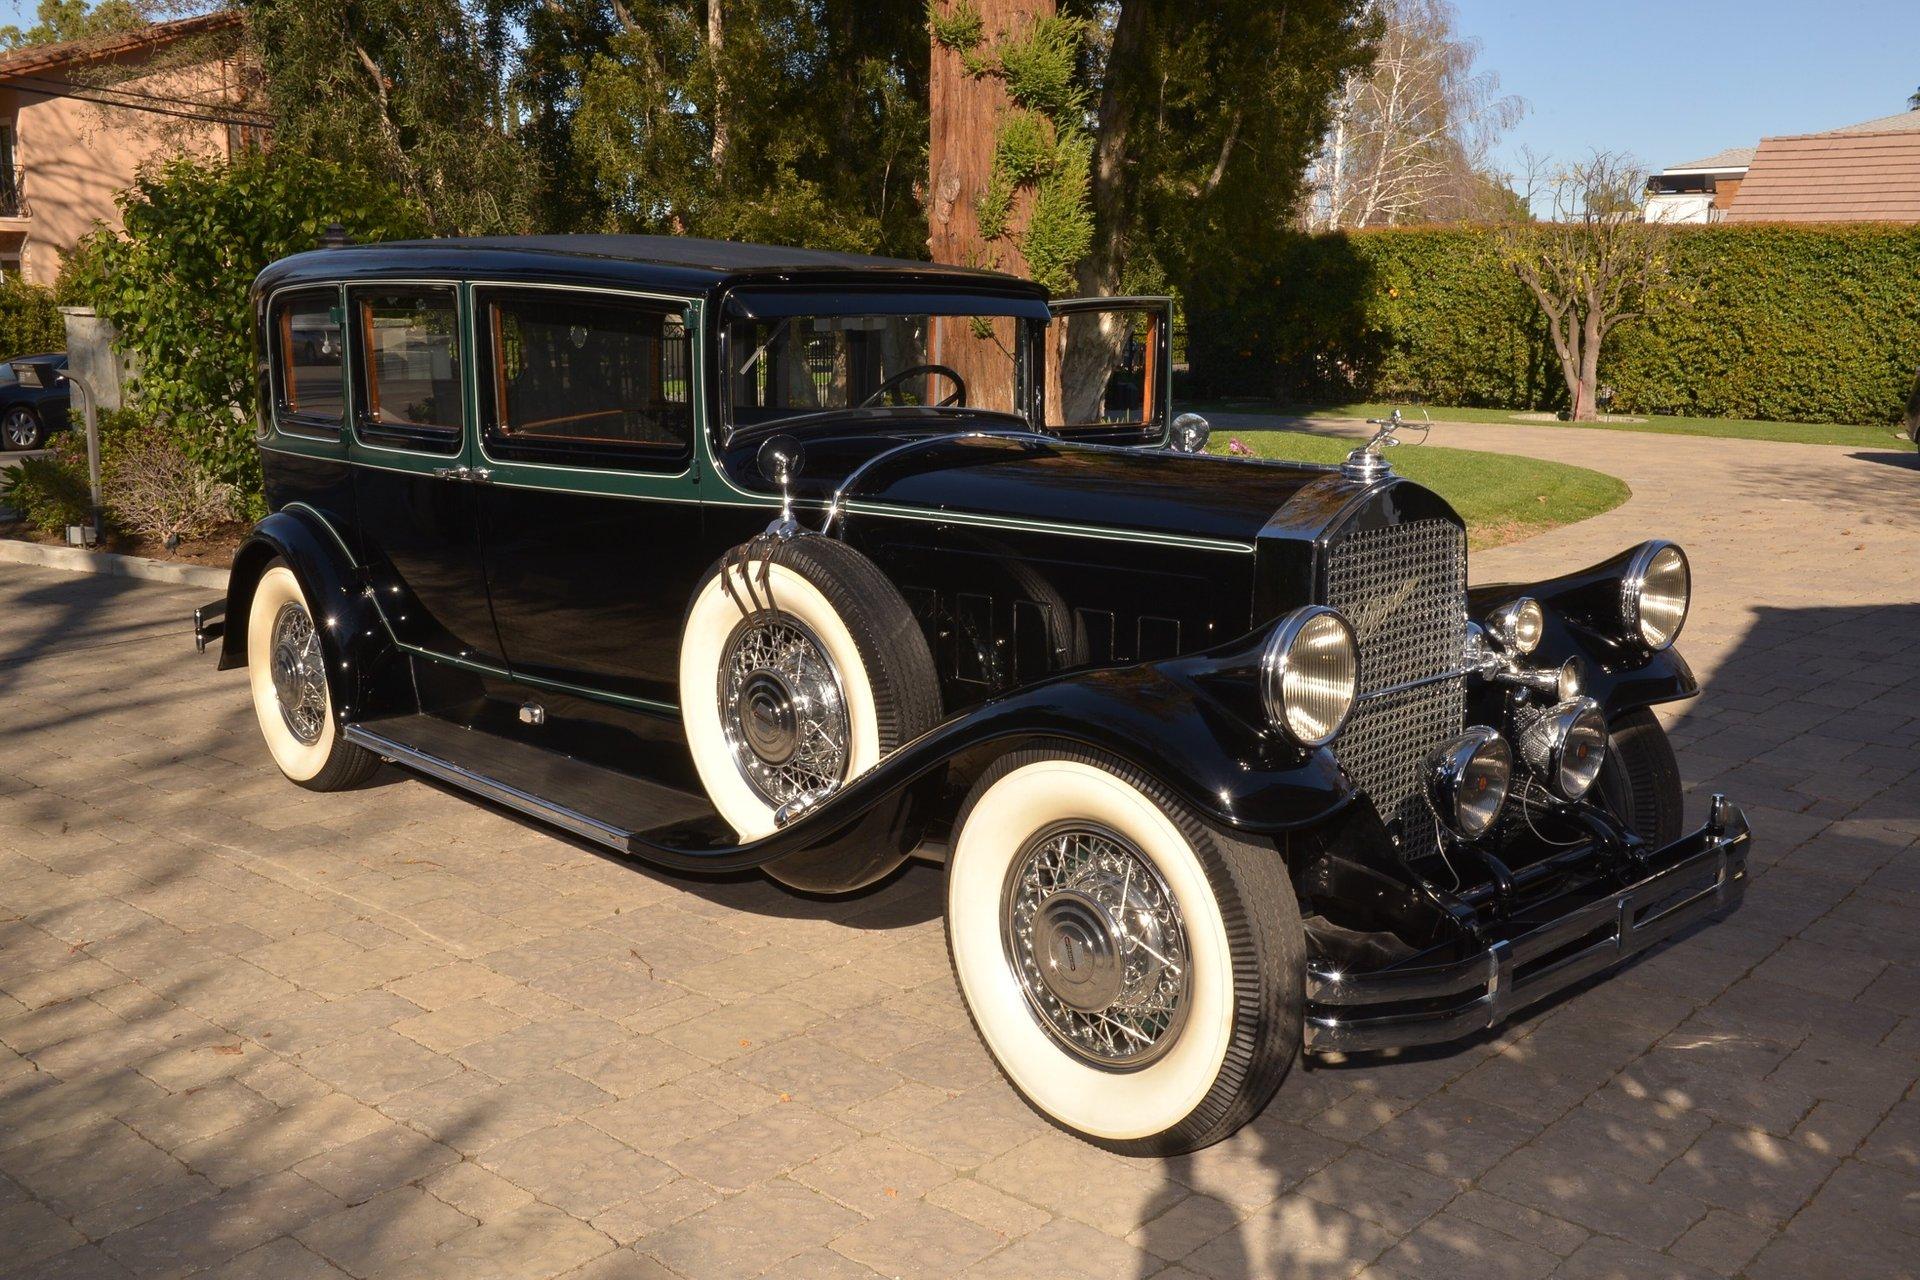 1929 pierce arrow model 126 enclosed drive 7p limousine